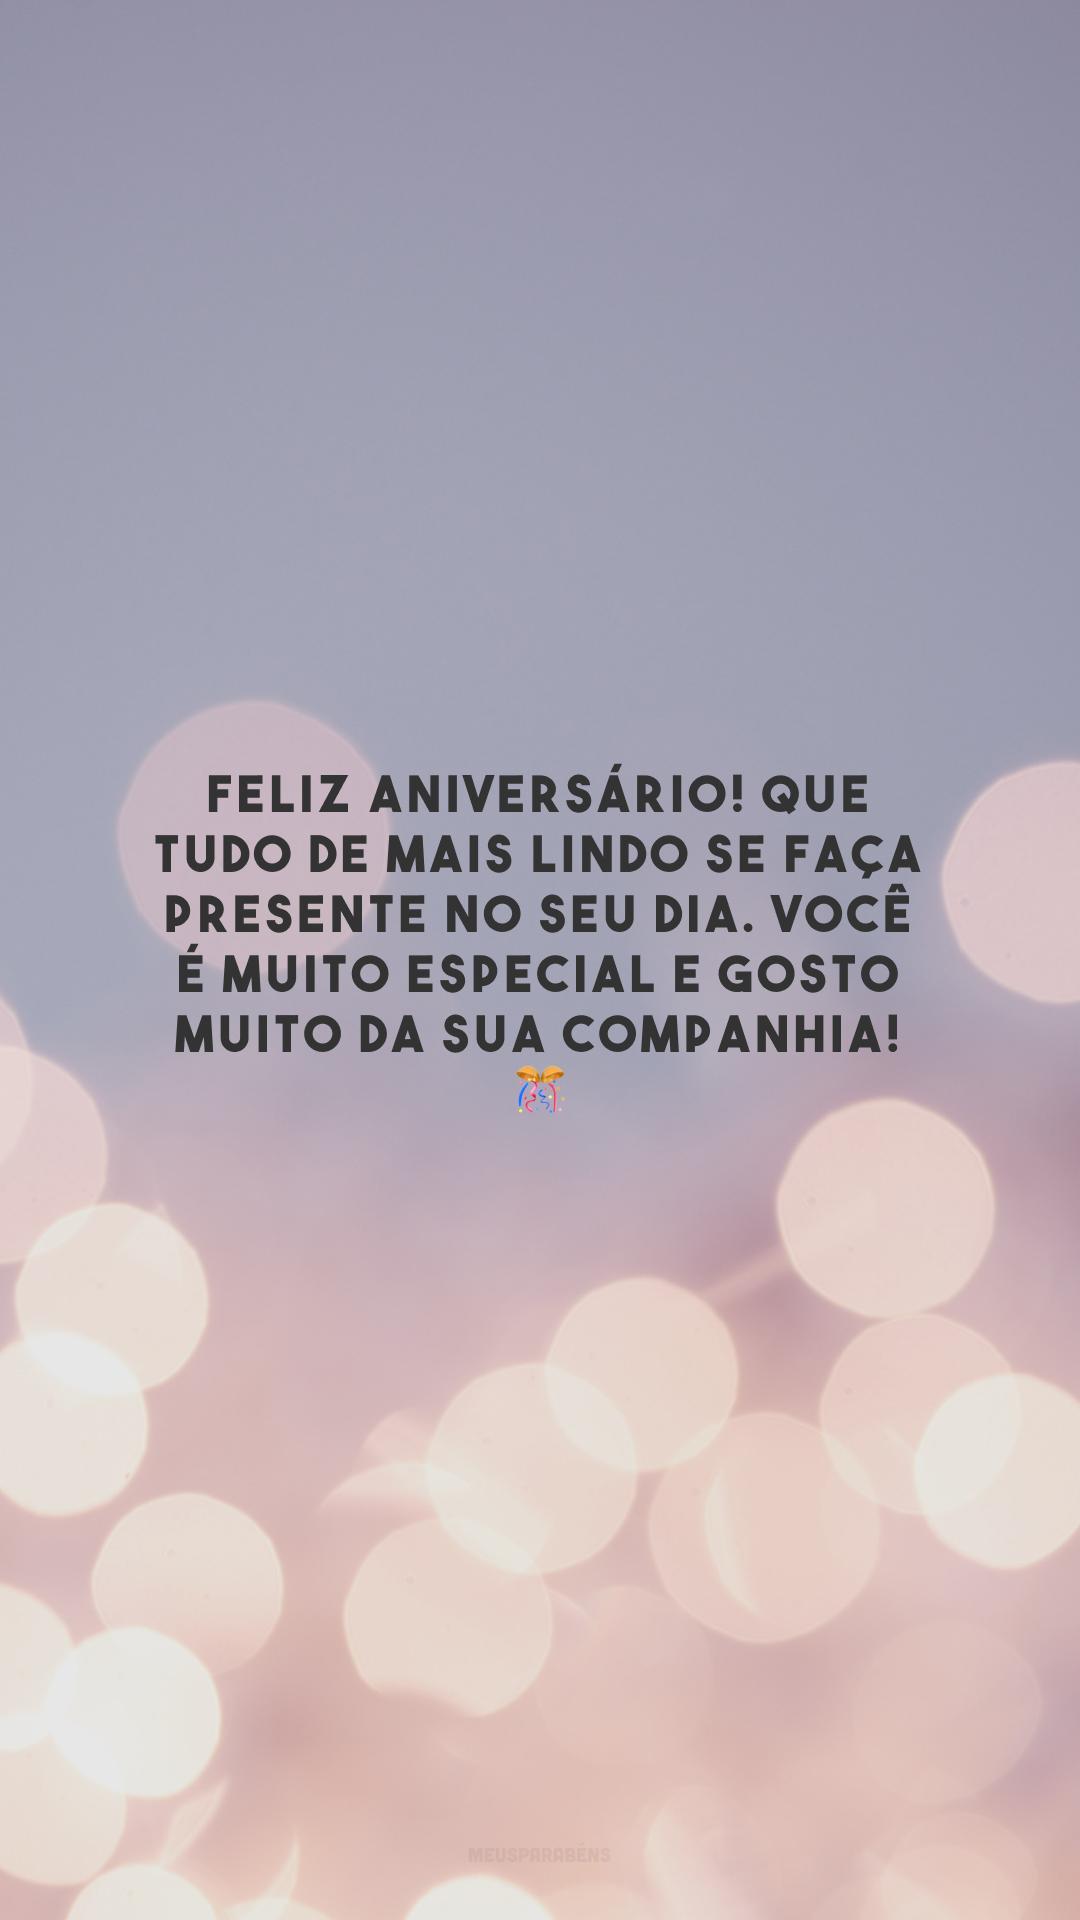 Feliz aniversário! Que tudo de mais lindo se faça presente no seu dia. Você é muito especial e gosto muito da sua companhia! 🎊